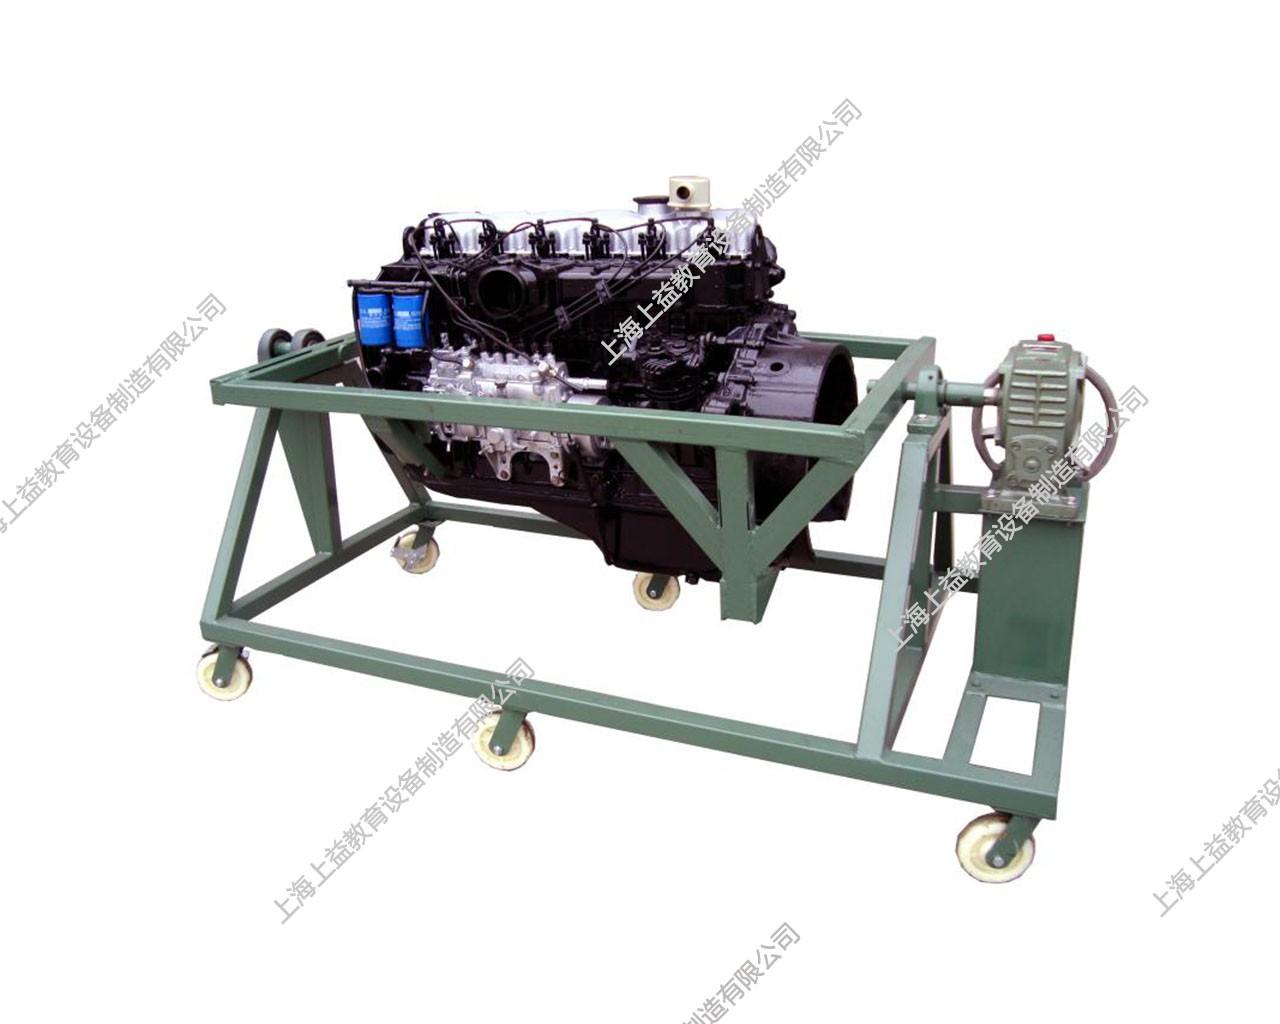 拆装用柴油发动机附翻转架(CA6110)